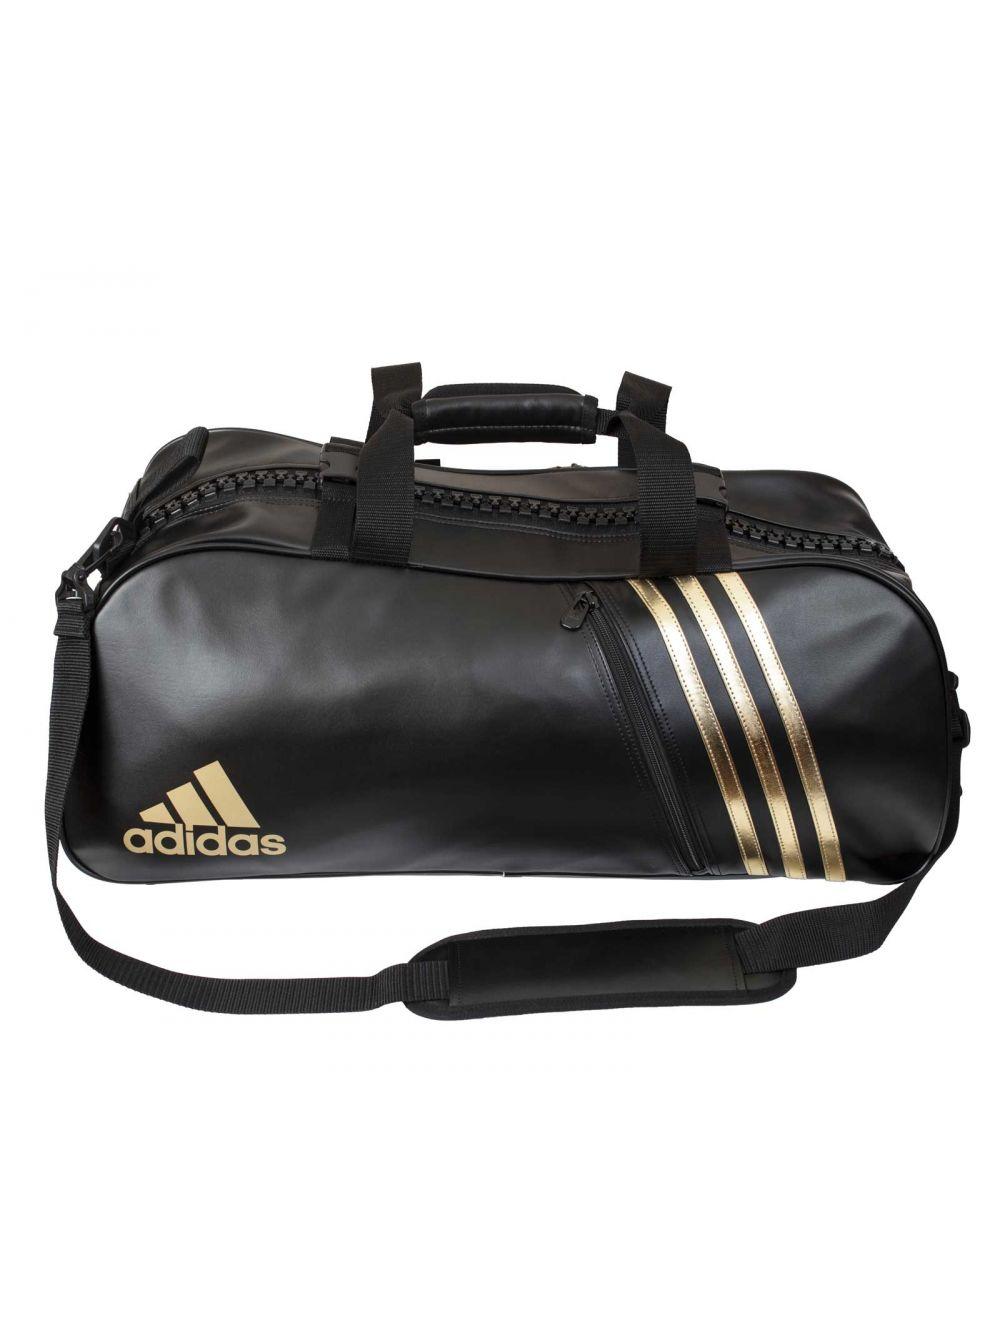 19ef5536727c Купить спортивную сумку «Adidas Super Sport Bag Budo M» черно-золотую